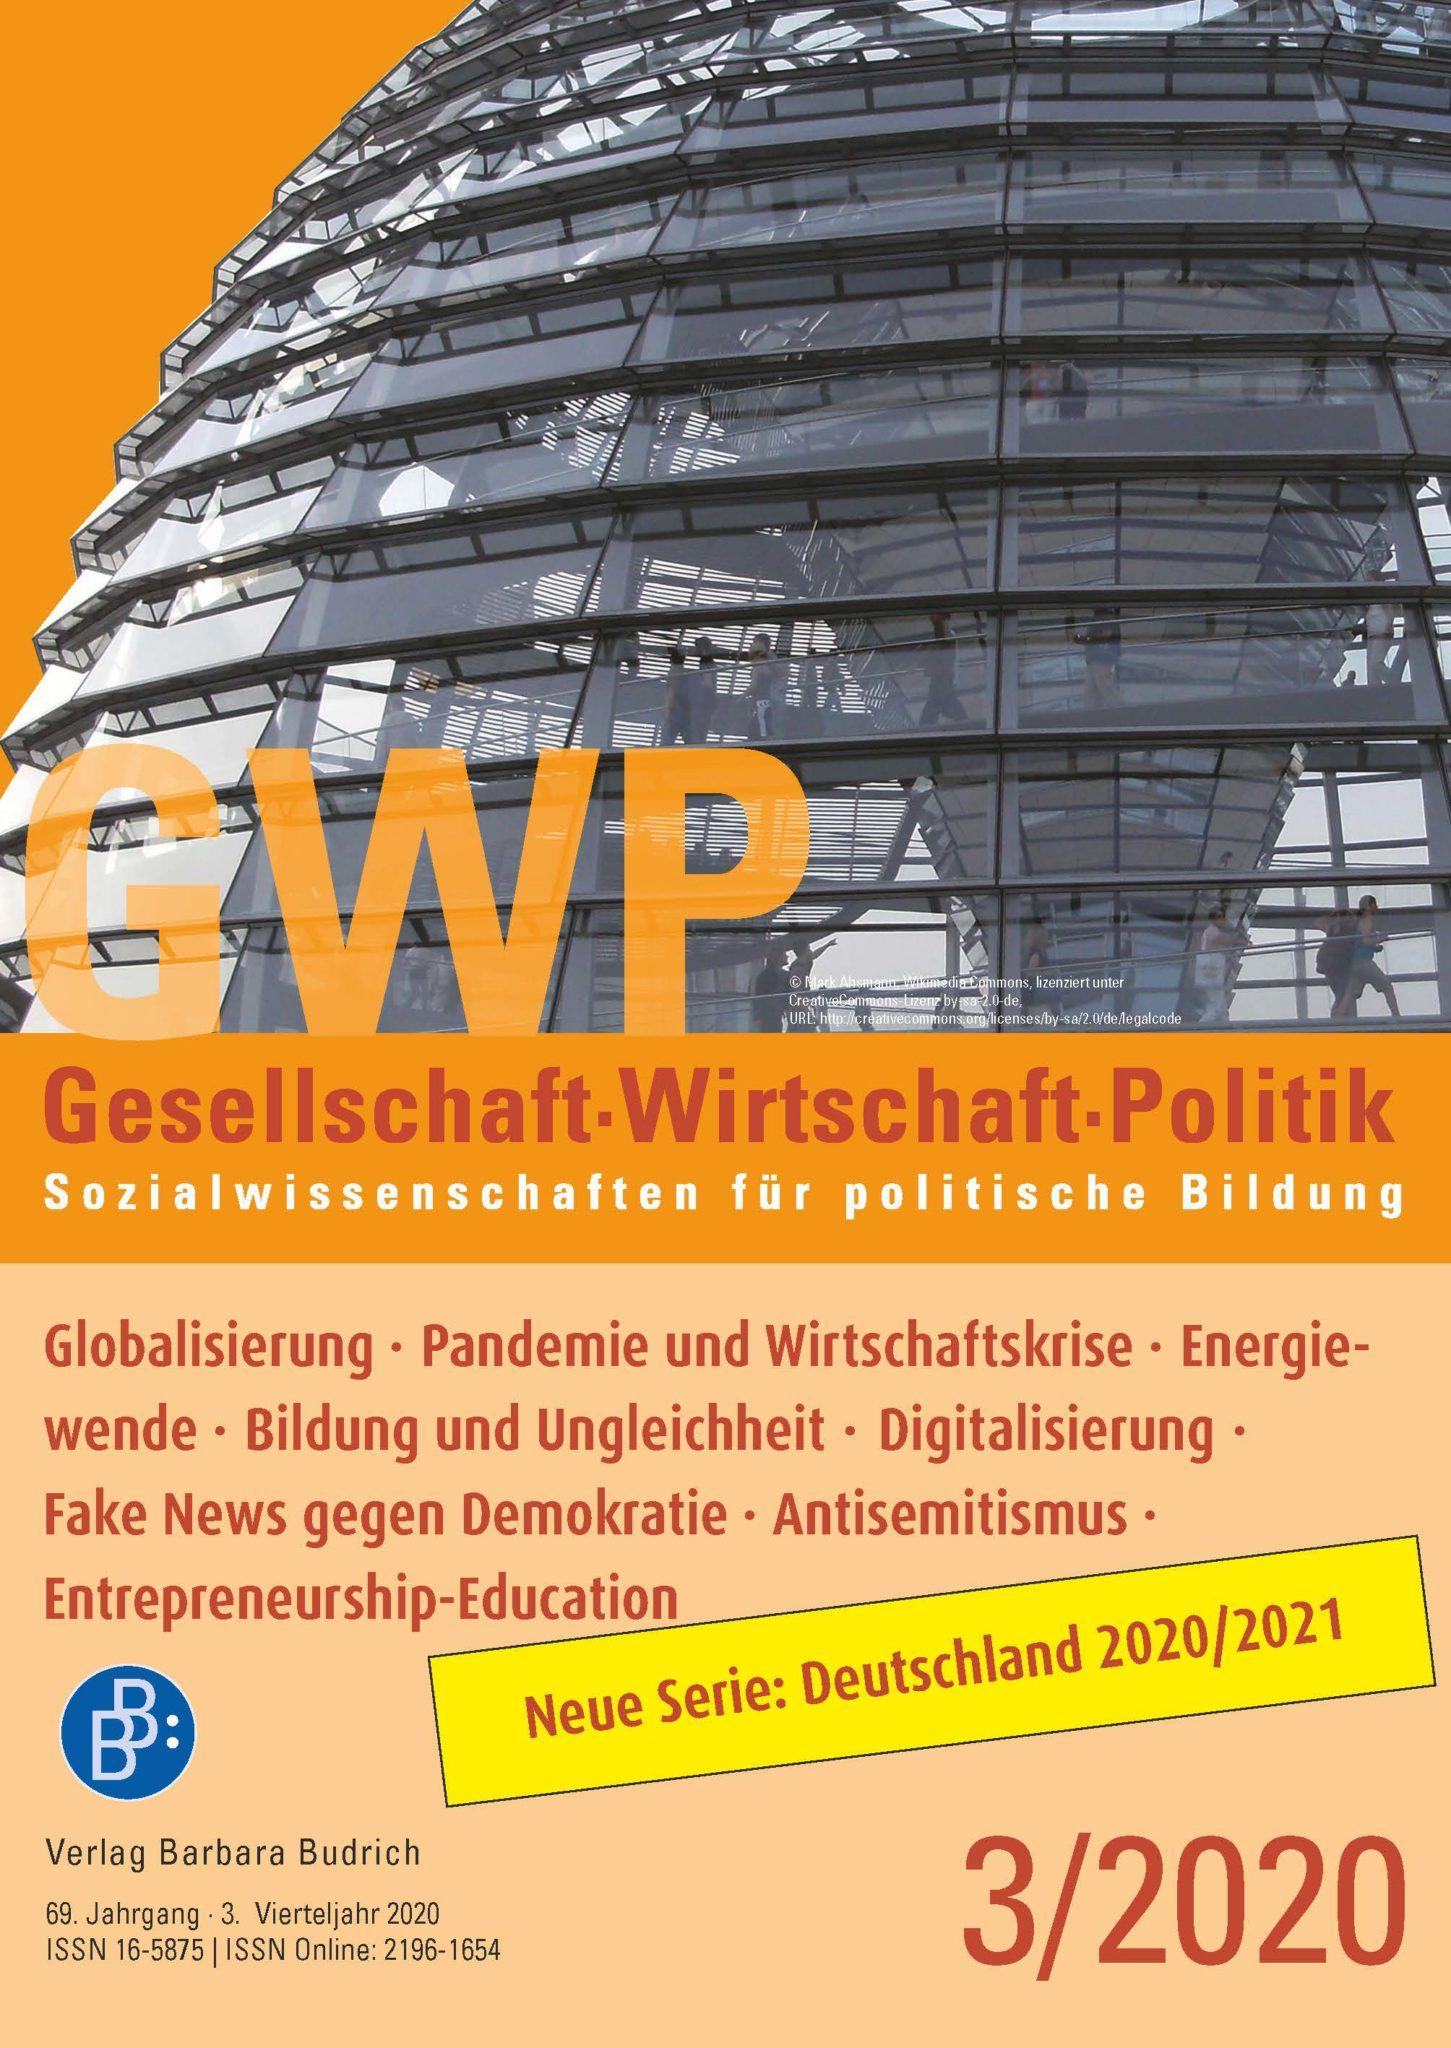 GWP – Gesellschaft. Wirtschaft. Politik 3-2020: Freie Beiträge